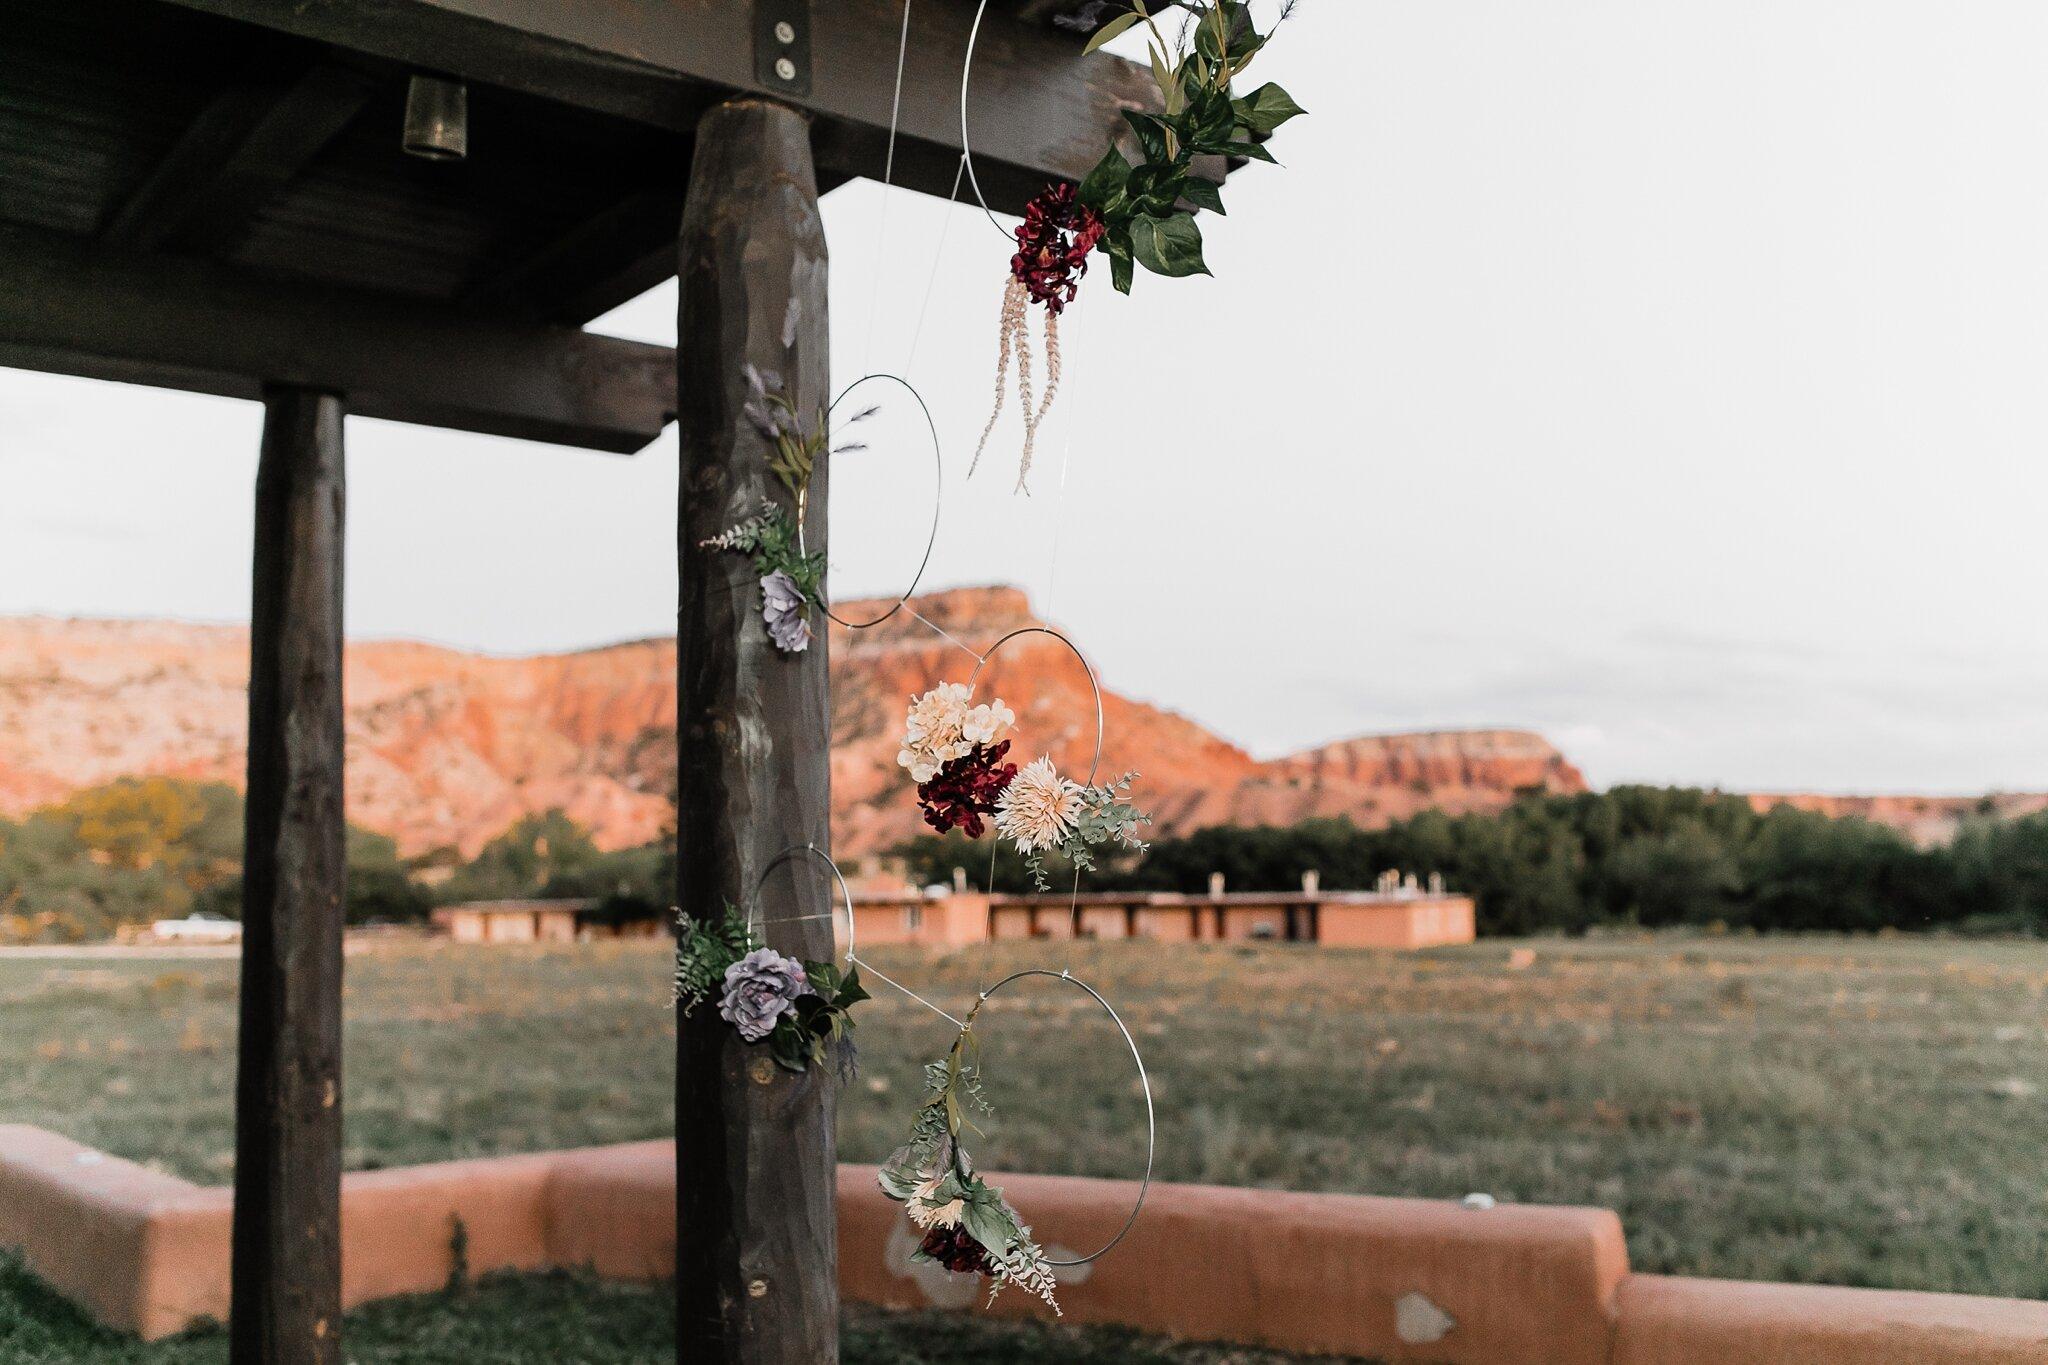 Alicia+lucia+photography+-+albuquerque+wedding+photographer+-+santa+fe+wedding+photography+-+new+mexico+wedding+photographer+-+new+mexico+wedding+-+wedding+-+santa+fe+wedding+-+ghost+ranch+-+ghost+ranch+wedding+-+fall+wedding_0081.jpg